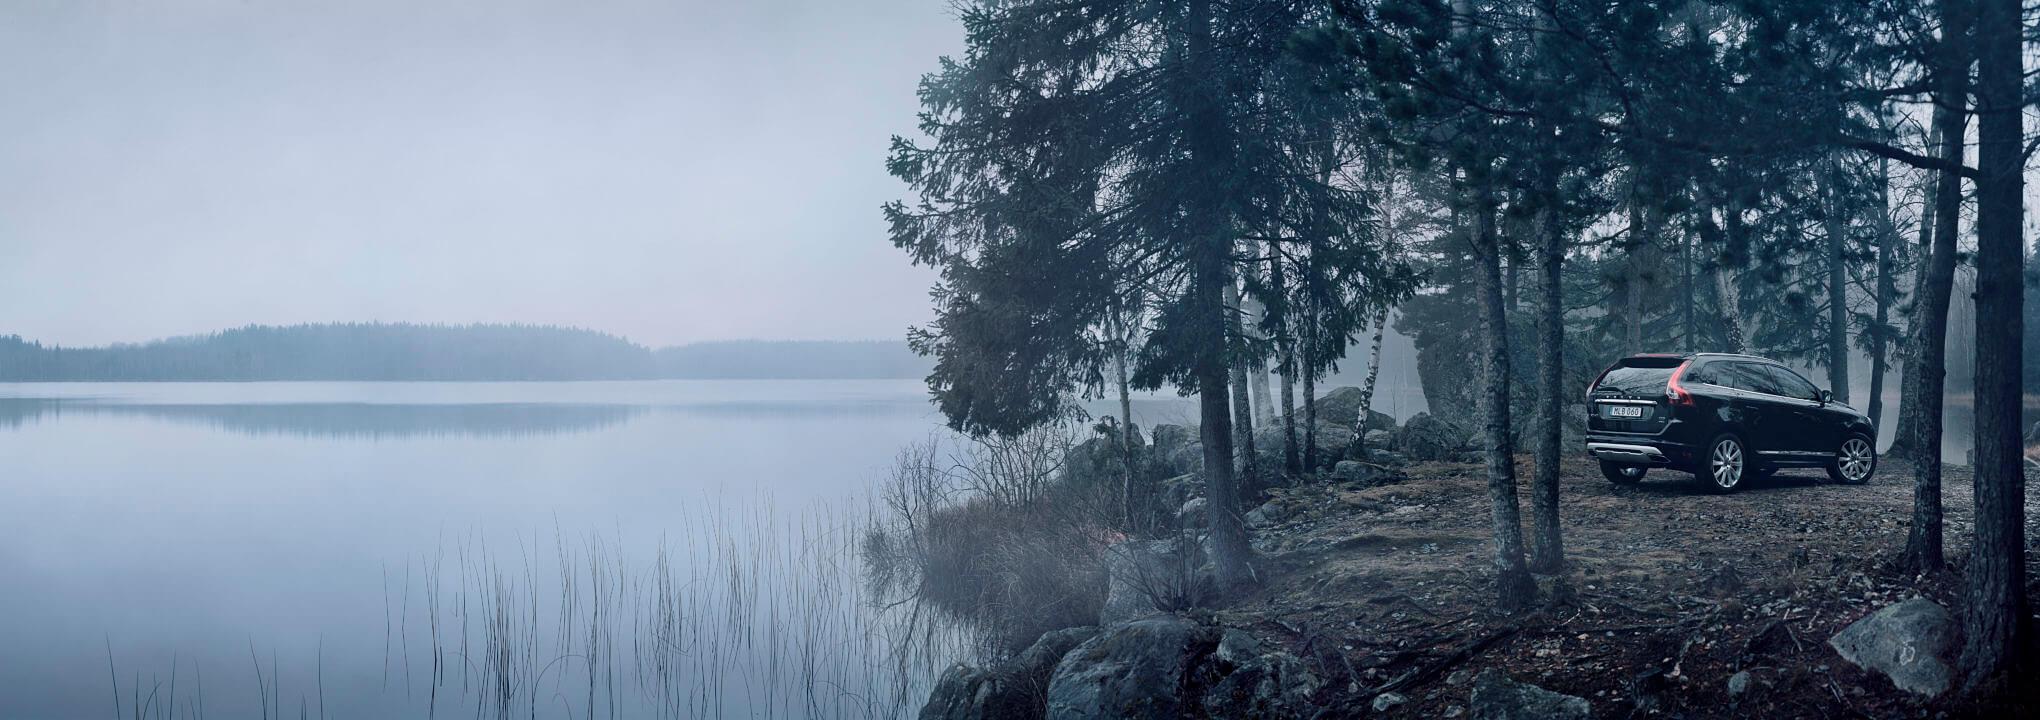 Volvo Made By Sweden Västmanland